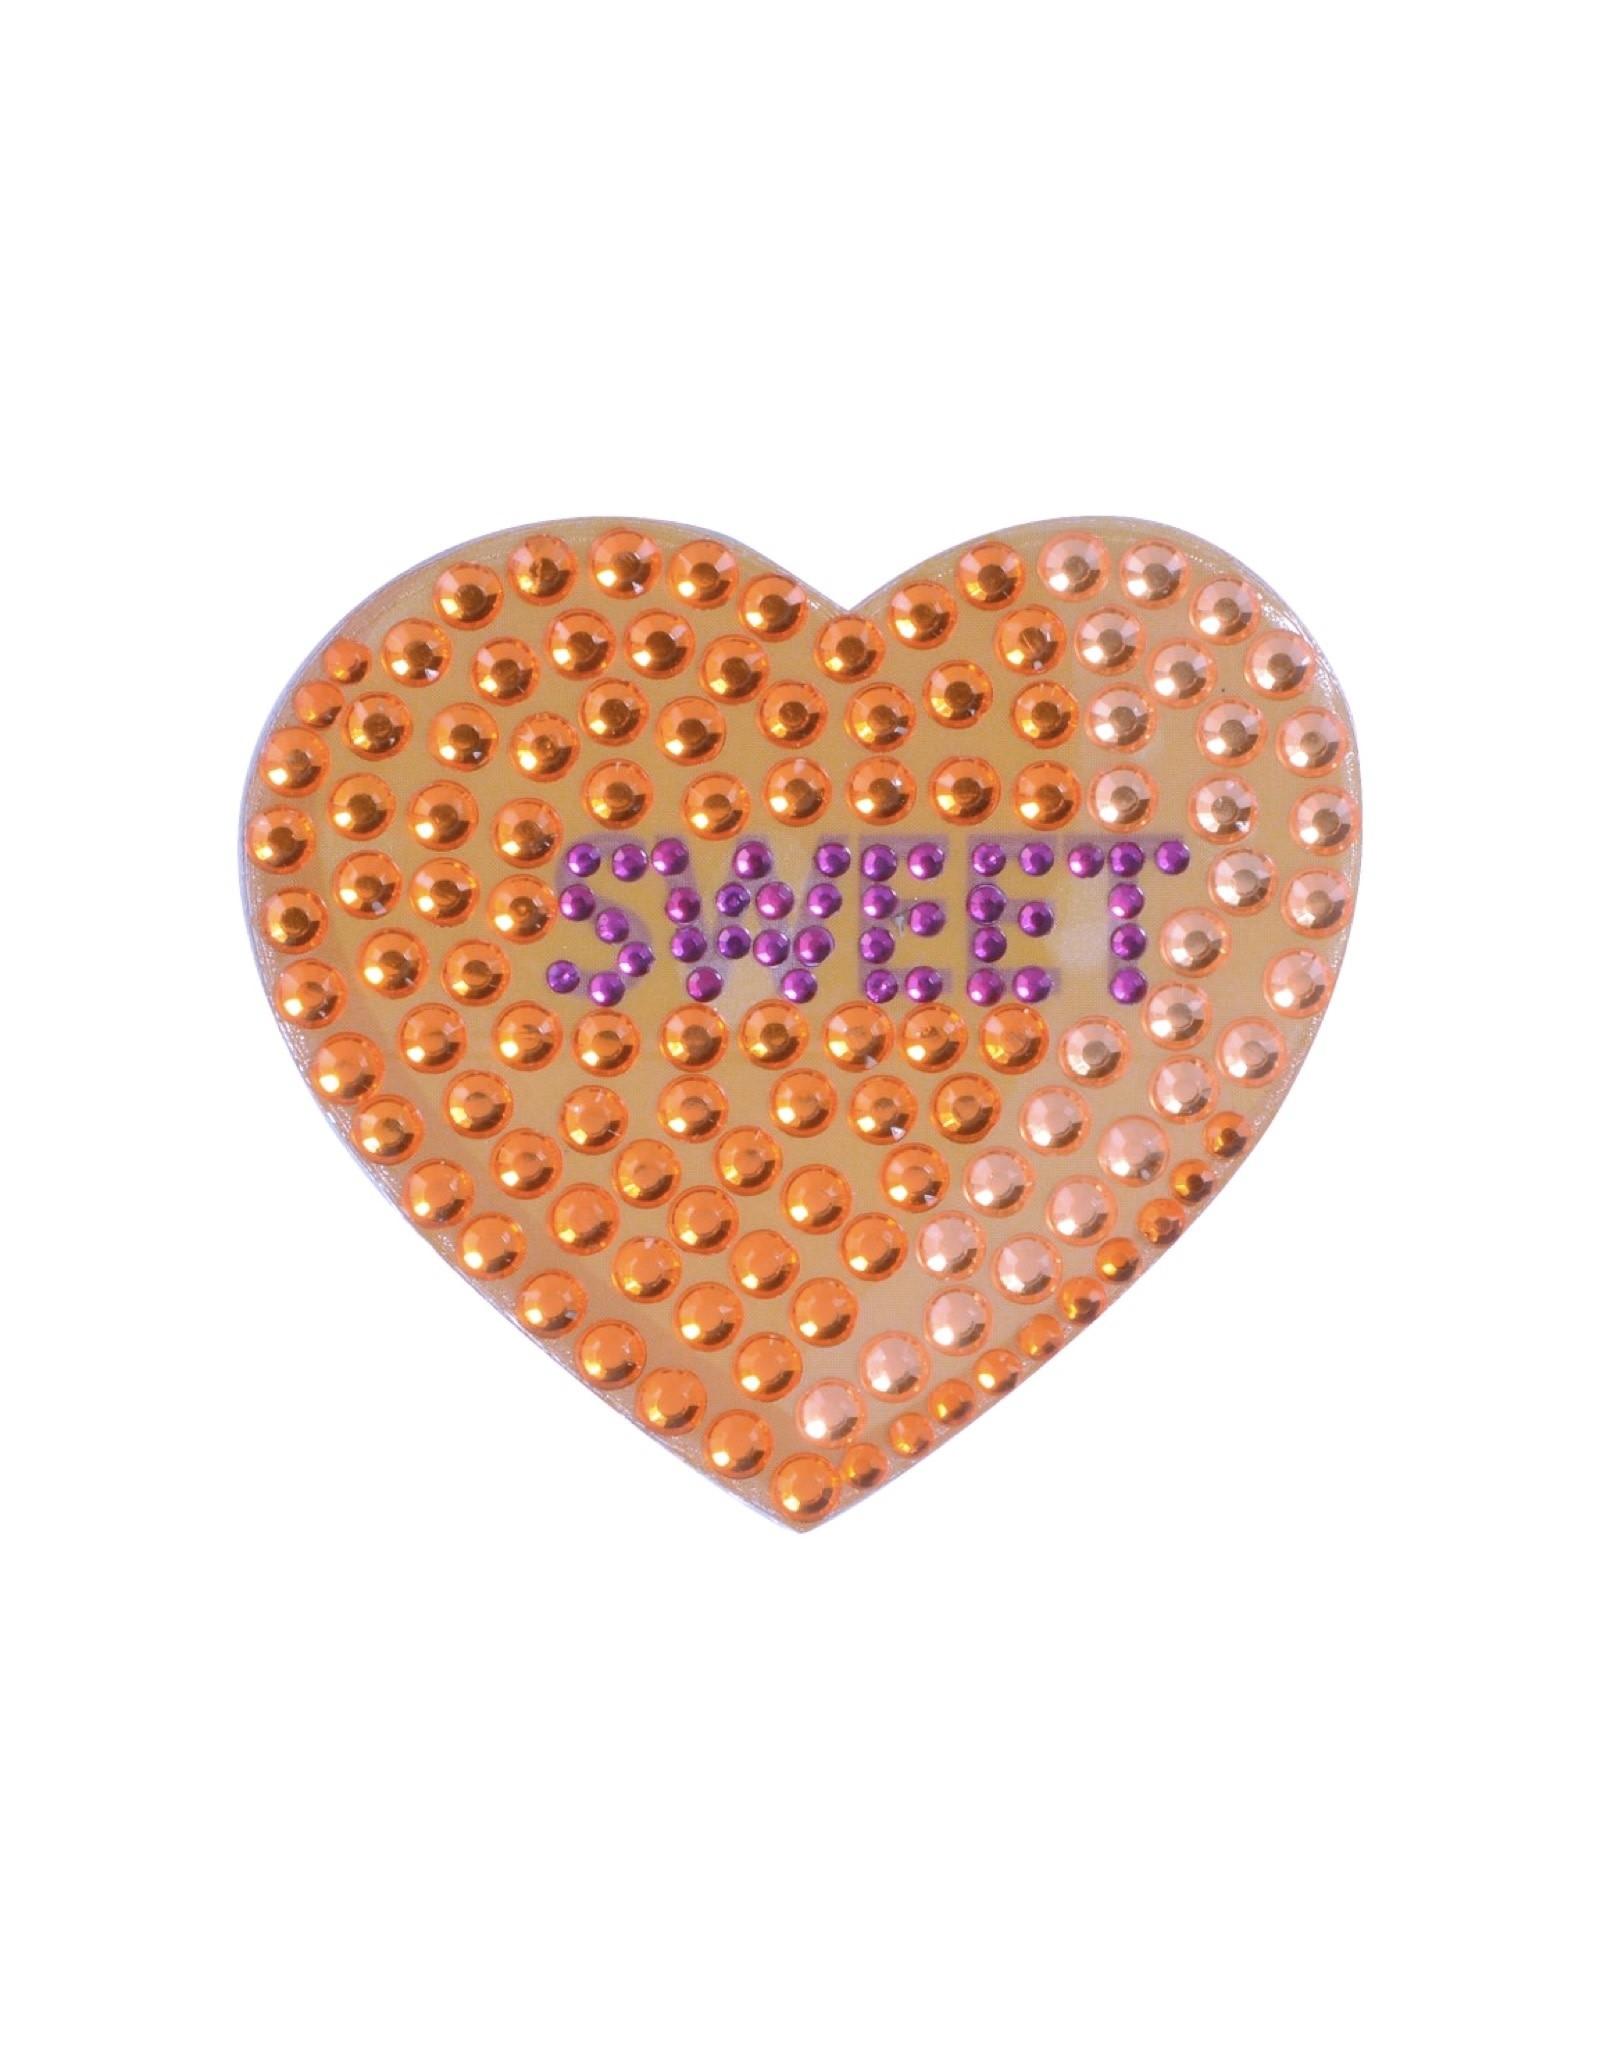 Sticker Beans Sweet